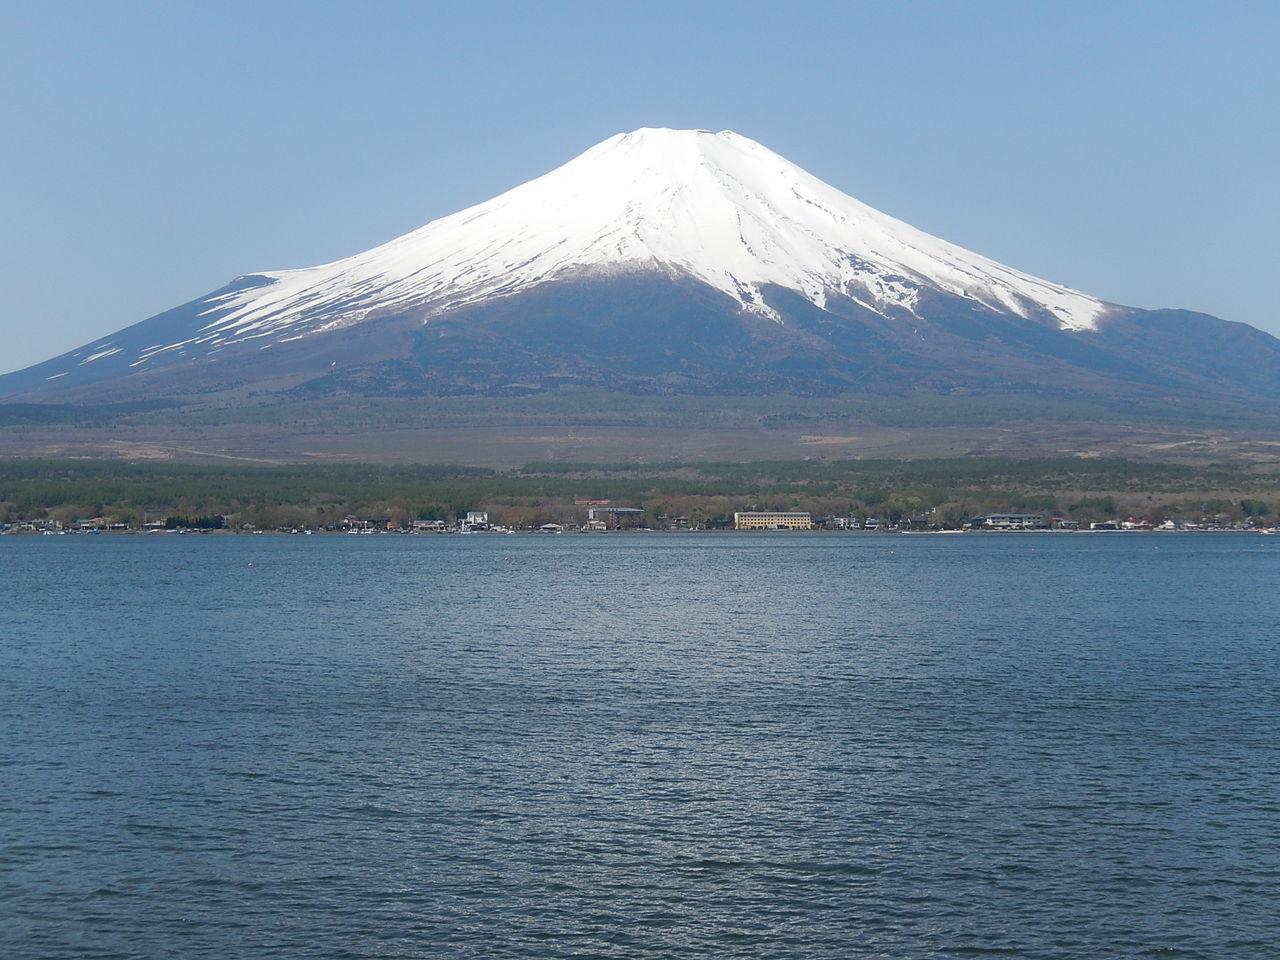 富士山を見に富士五湖へドライブ旅行 : やつば池(八ッ谷池)散歩道のブログ やつば池(八ッ谷池)